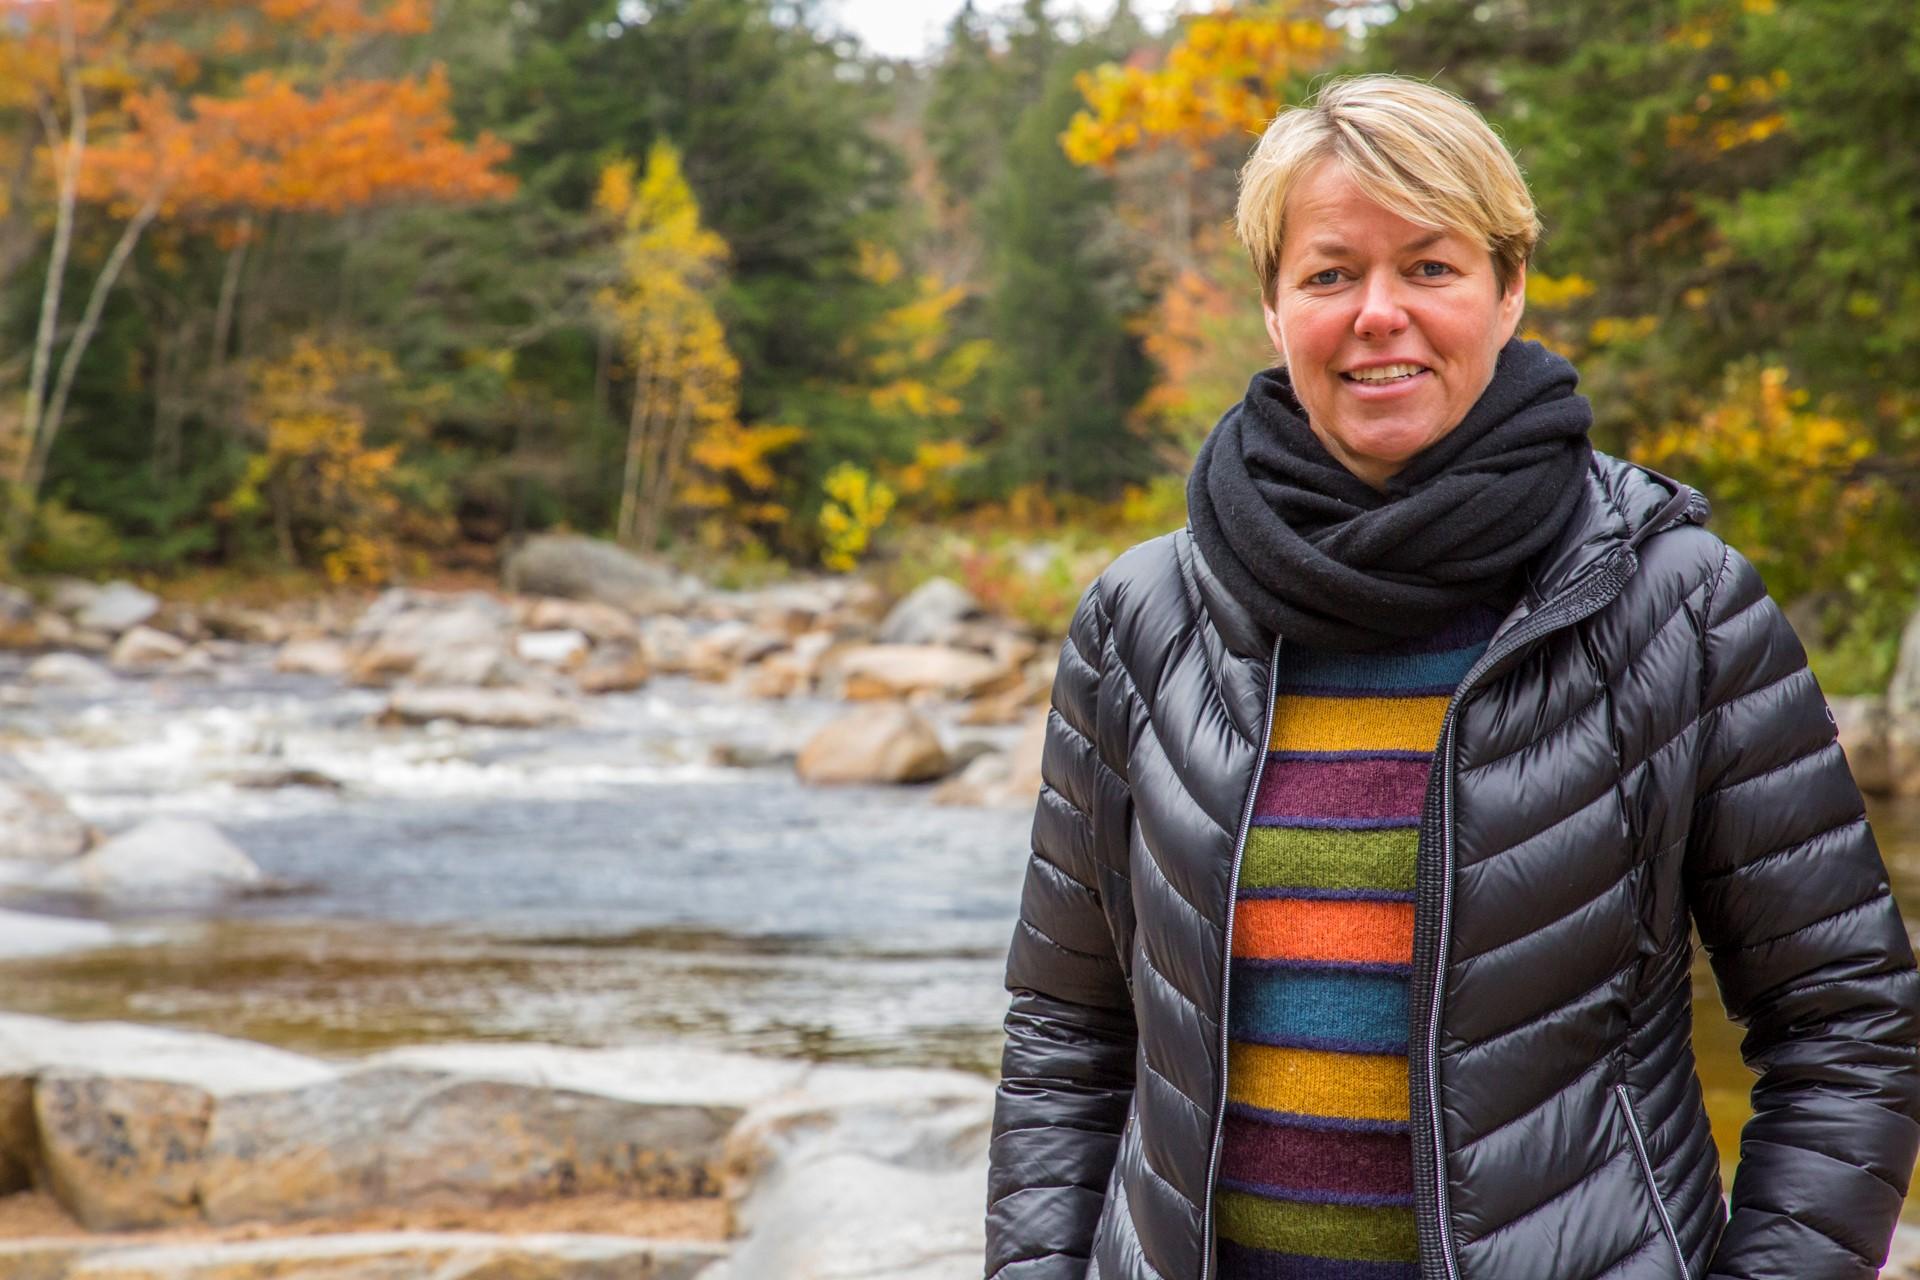 Anne-Vibeke Isaksen, hvis rejseprogrammer har inspireret masser af danskere til at komme ud i verden. Foto: Rasmus Schønning.